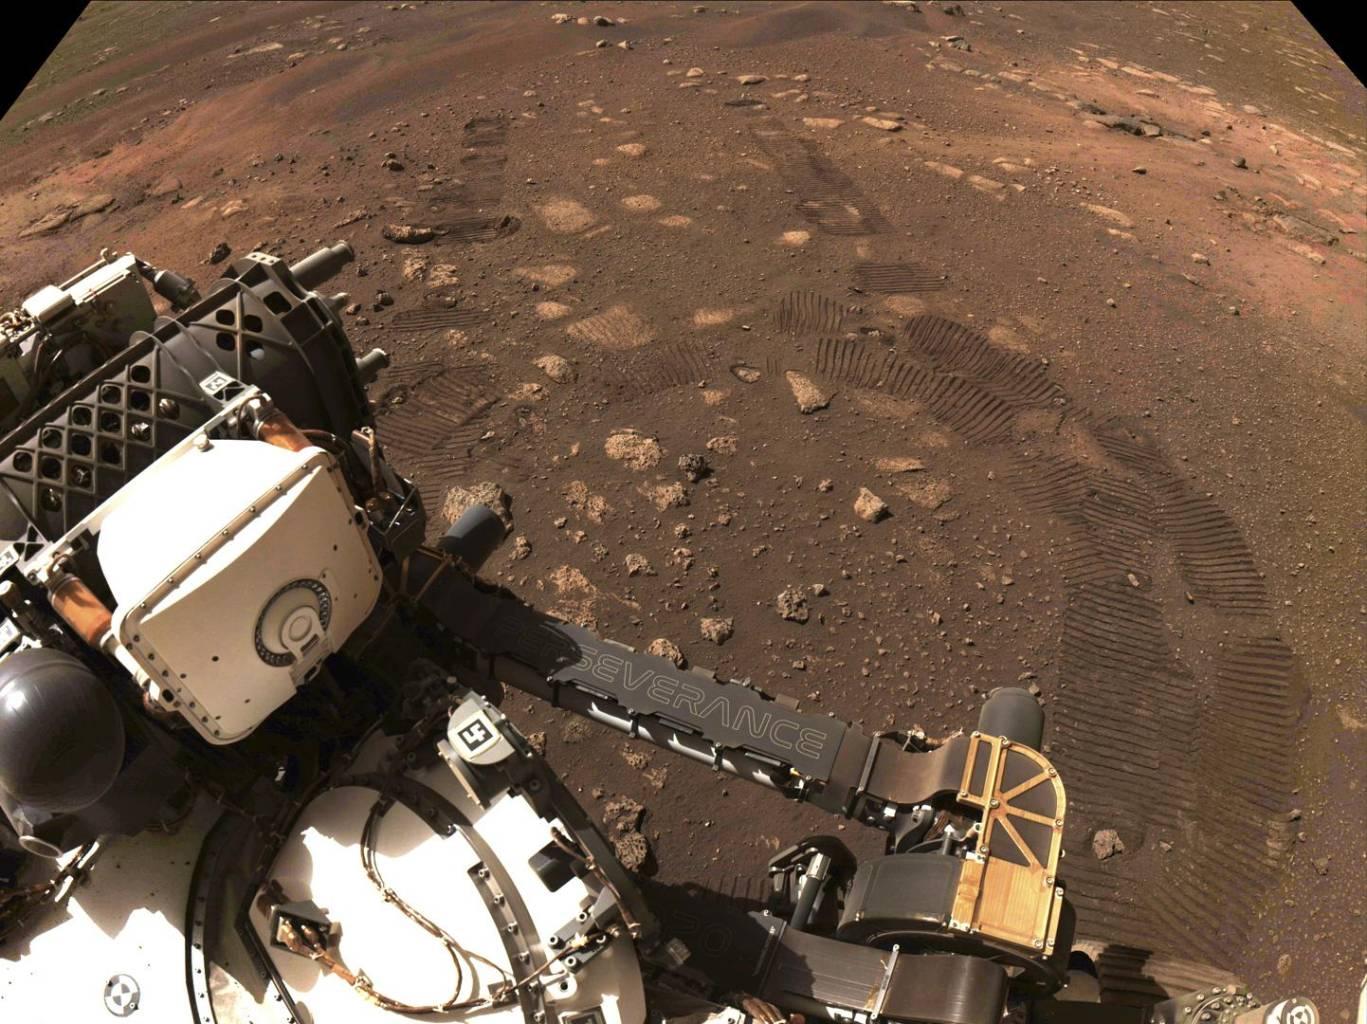 NASA's discoveries on Mars bear Navajo names